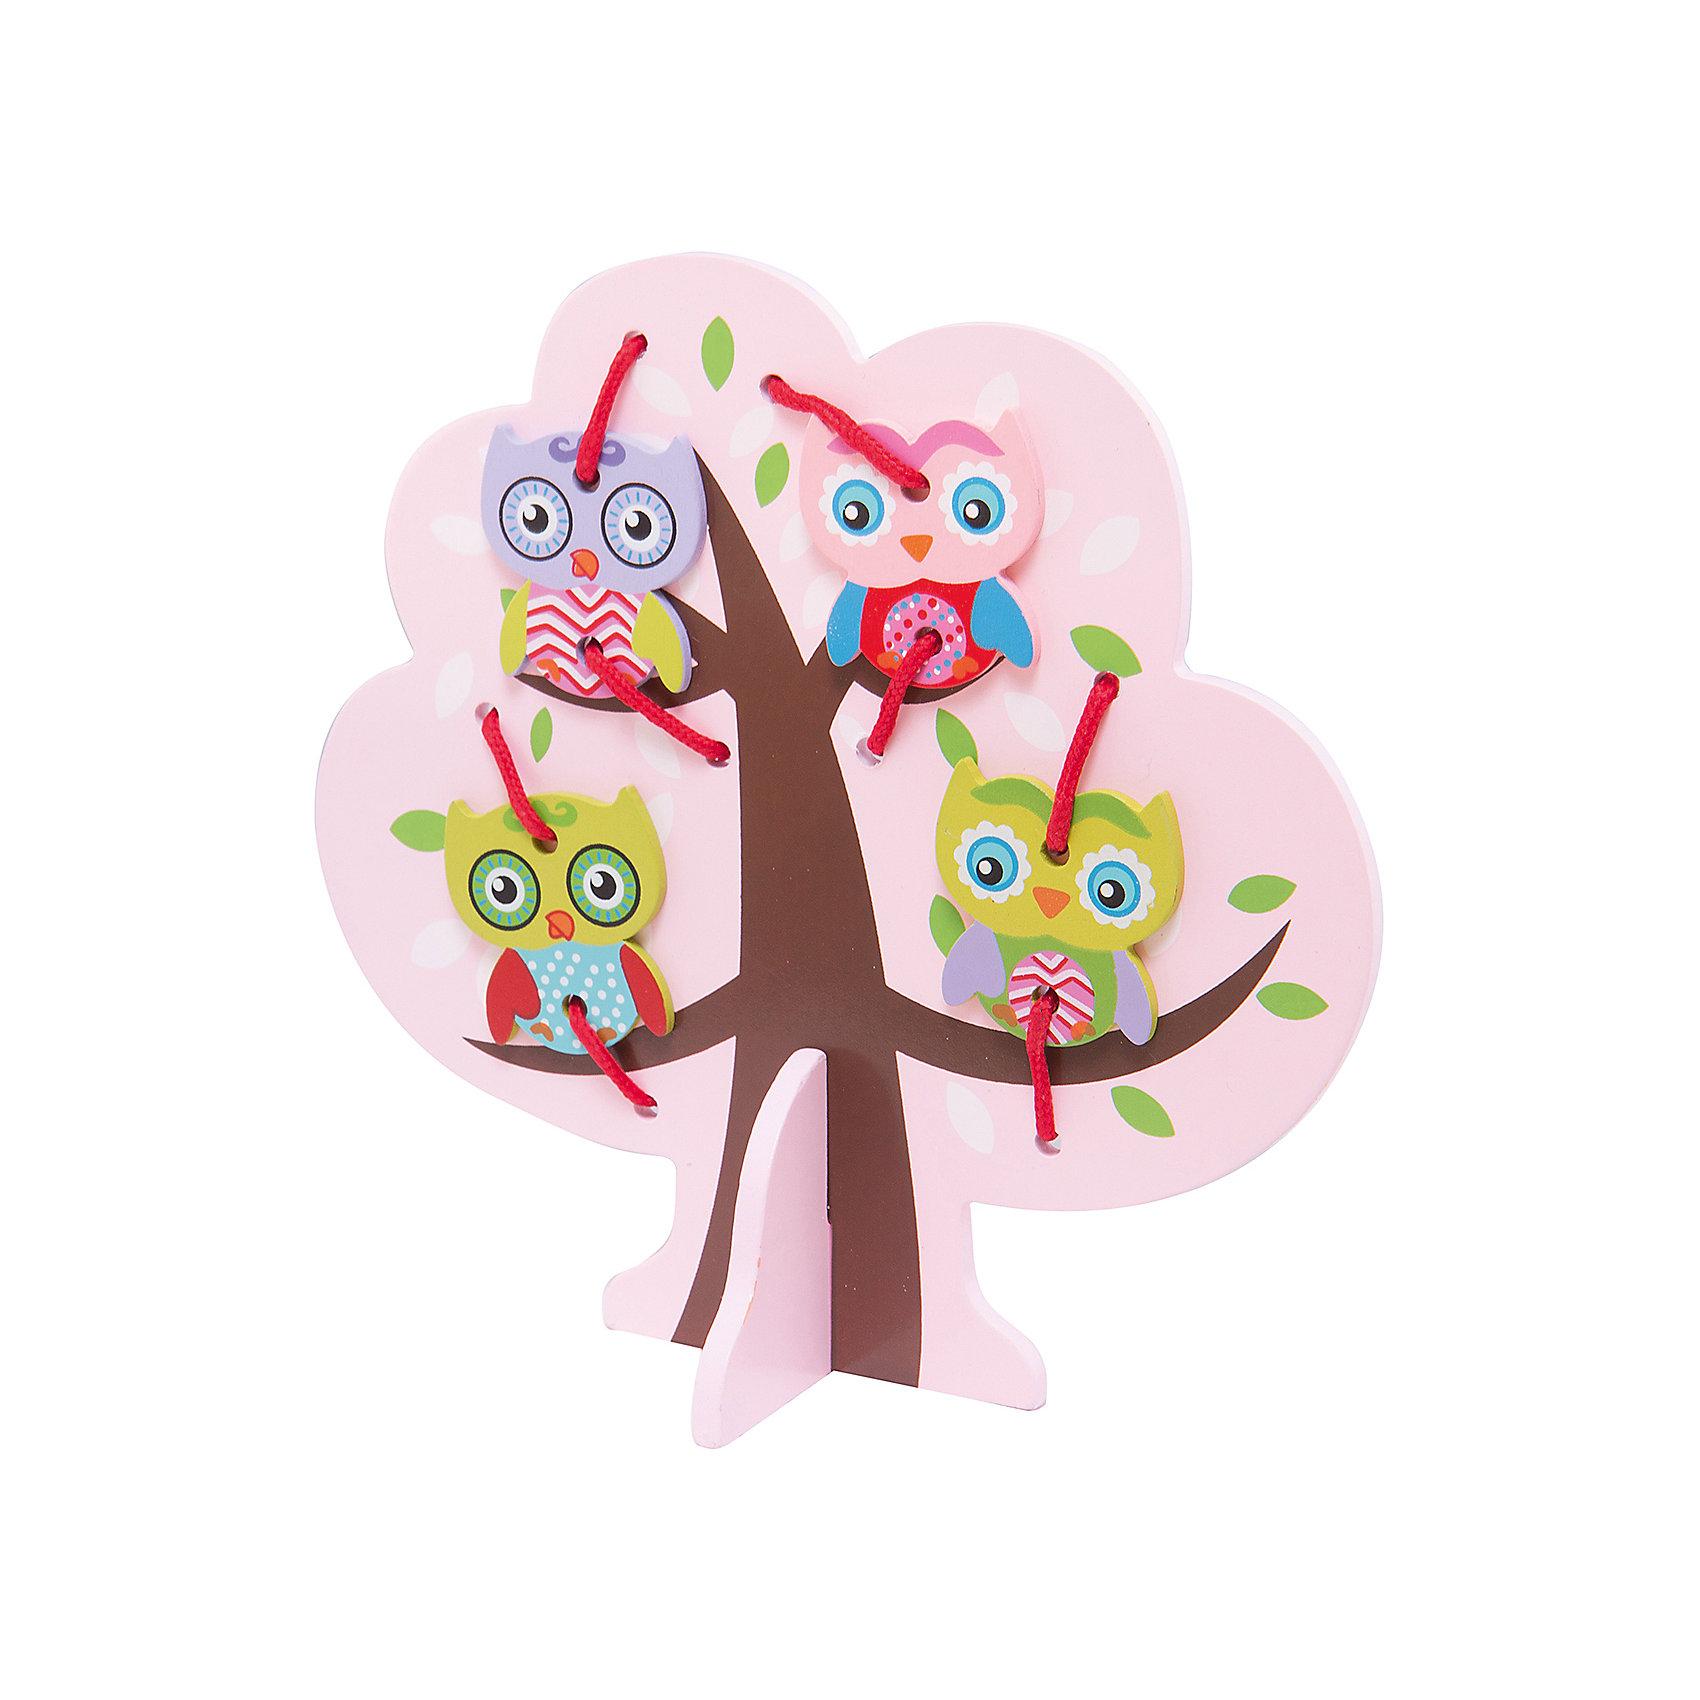 Шнуровка Дерево с совятами, MapachaШнуровки<br>Шнуровки – вид развивающих игрушек, которые обучают ребенка практическим навыкам. Шнуровка научит обращаться со шнурками, завязывать узелки и бантики. Красивый дизайн игрушки, интересный рисунок, экологический материал, яркие цвета и стильный дизайн сделают модель любимой вещицей у малыша. Игрушка тренирует мелкую моторику, аккуратность, а так же тренирует логику и воображение. Материалы, использованные при изготовлении товара, абсолютно безопасны и отвечают всем международным требованиям по качеству.<br><br>Дополнительные характеристики:<br><br>материал: натуральное дерево, текстиль;<br>цвет: разноцветный;<br>габариты: 20 X 1 X 25 см.<br><br>Шнуровку  Дерево с совятами от компании Mapacha можно приобрести в нашем магазине.<br><br>Ширина мм: 400<br>Глубина мм: 405<br>Высота мм: 220<br>Вес г: 148<br>Возраст от месяцев: 36<br>Возраст до месяцев: 84<br>Пол: Унисекс<br>Возраст: Детский<br>SKU: 5032502